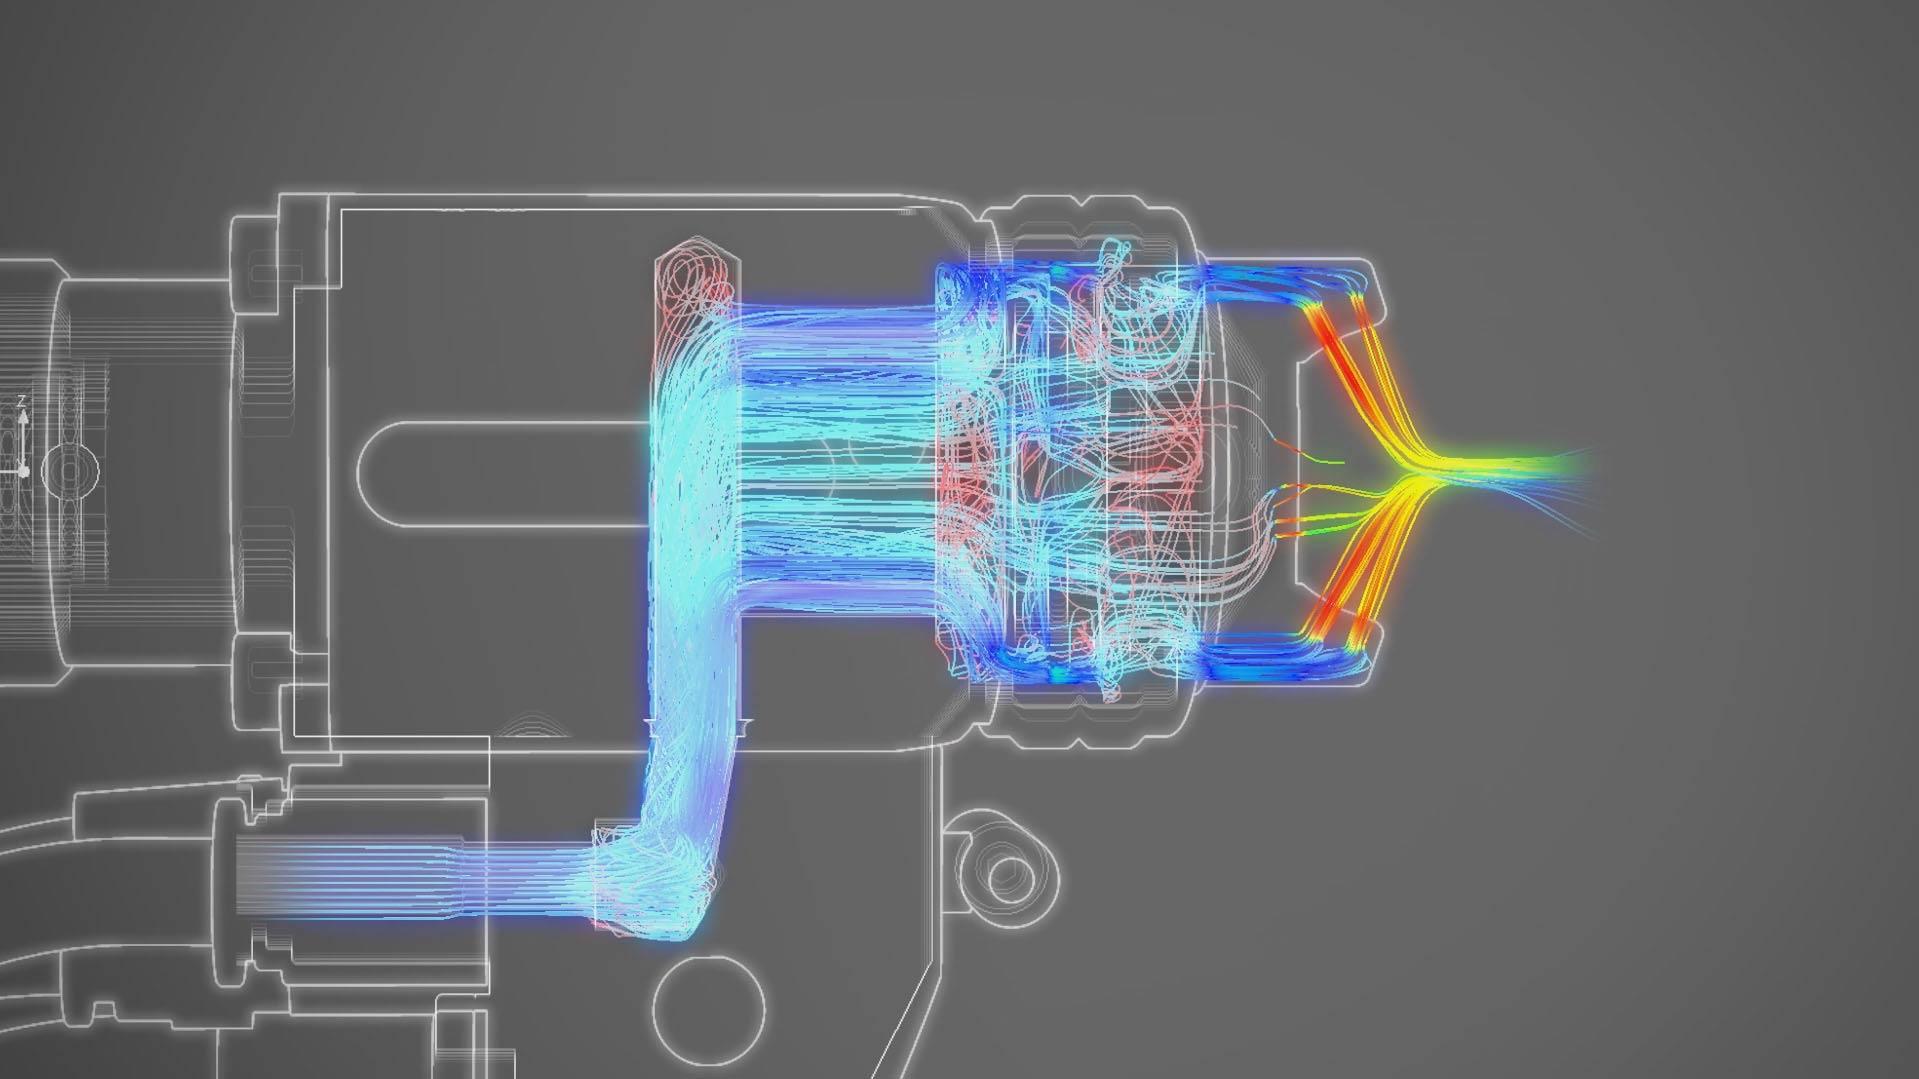 Krautzberger xline Strömungssimulation